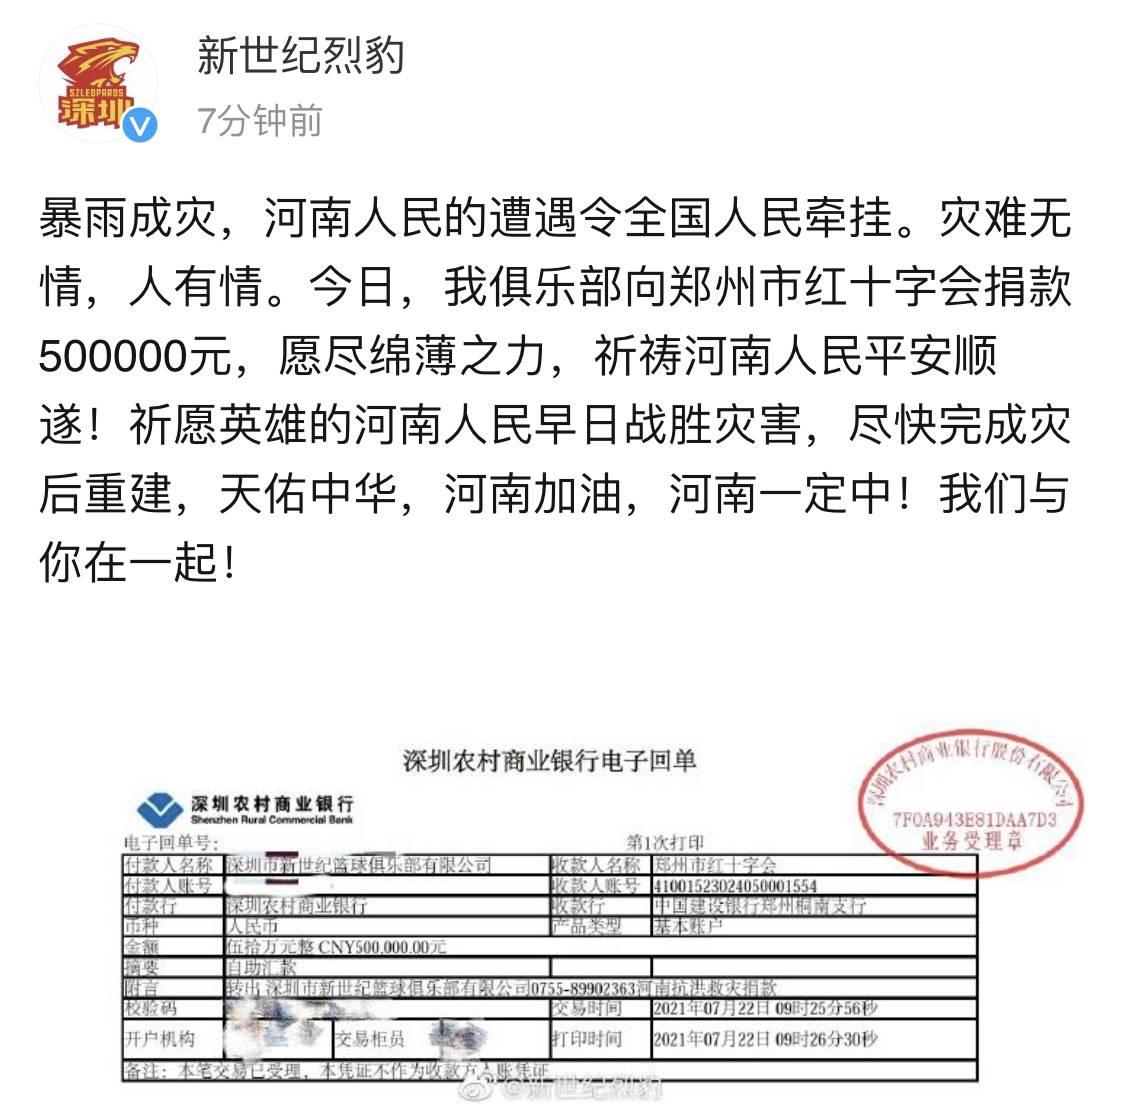 辽篮:郭艾伦对8处伤病进行治疗 距康复还需1-1.5个月_银河娱乐官网